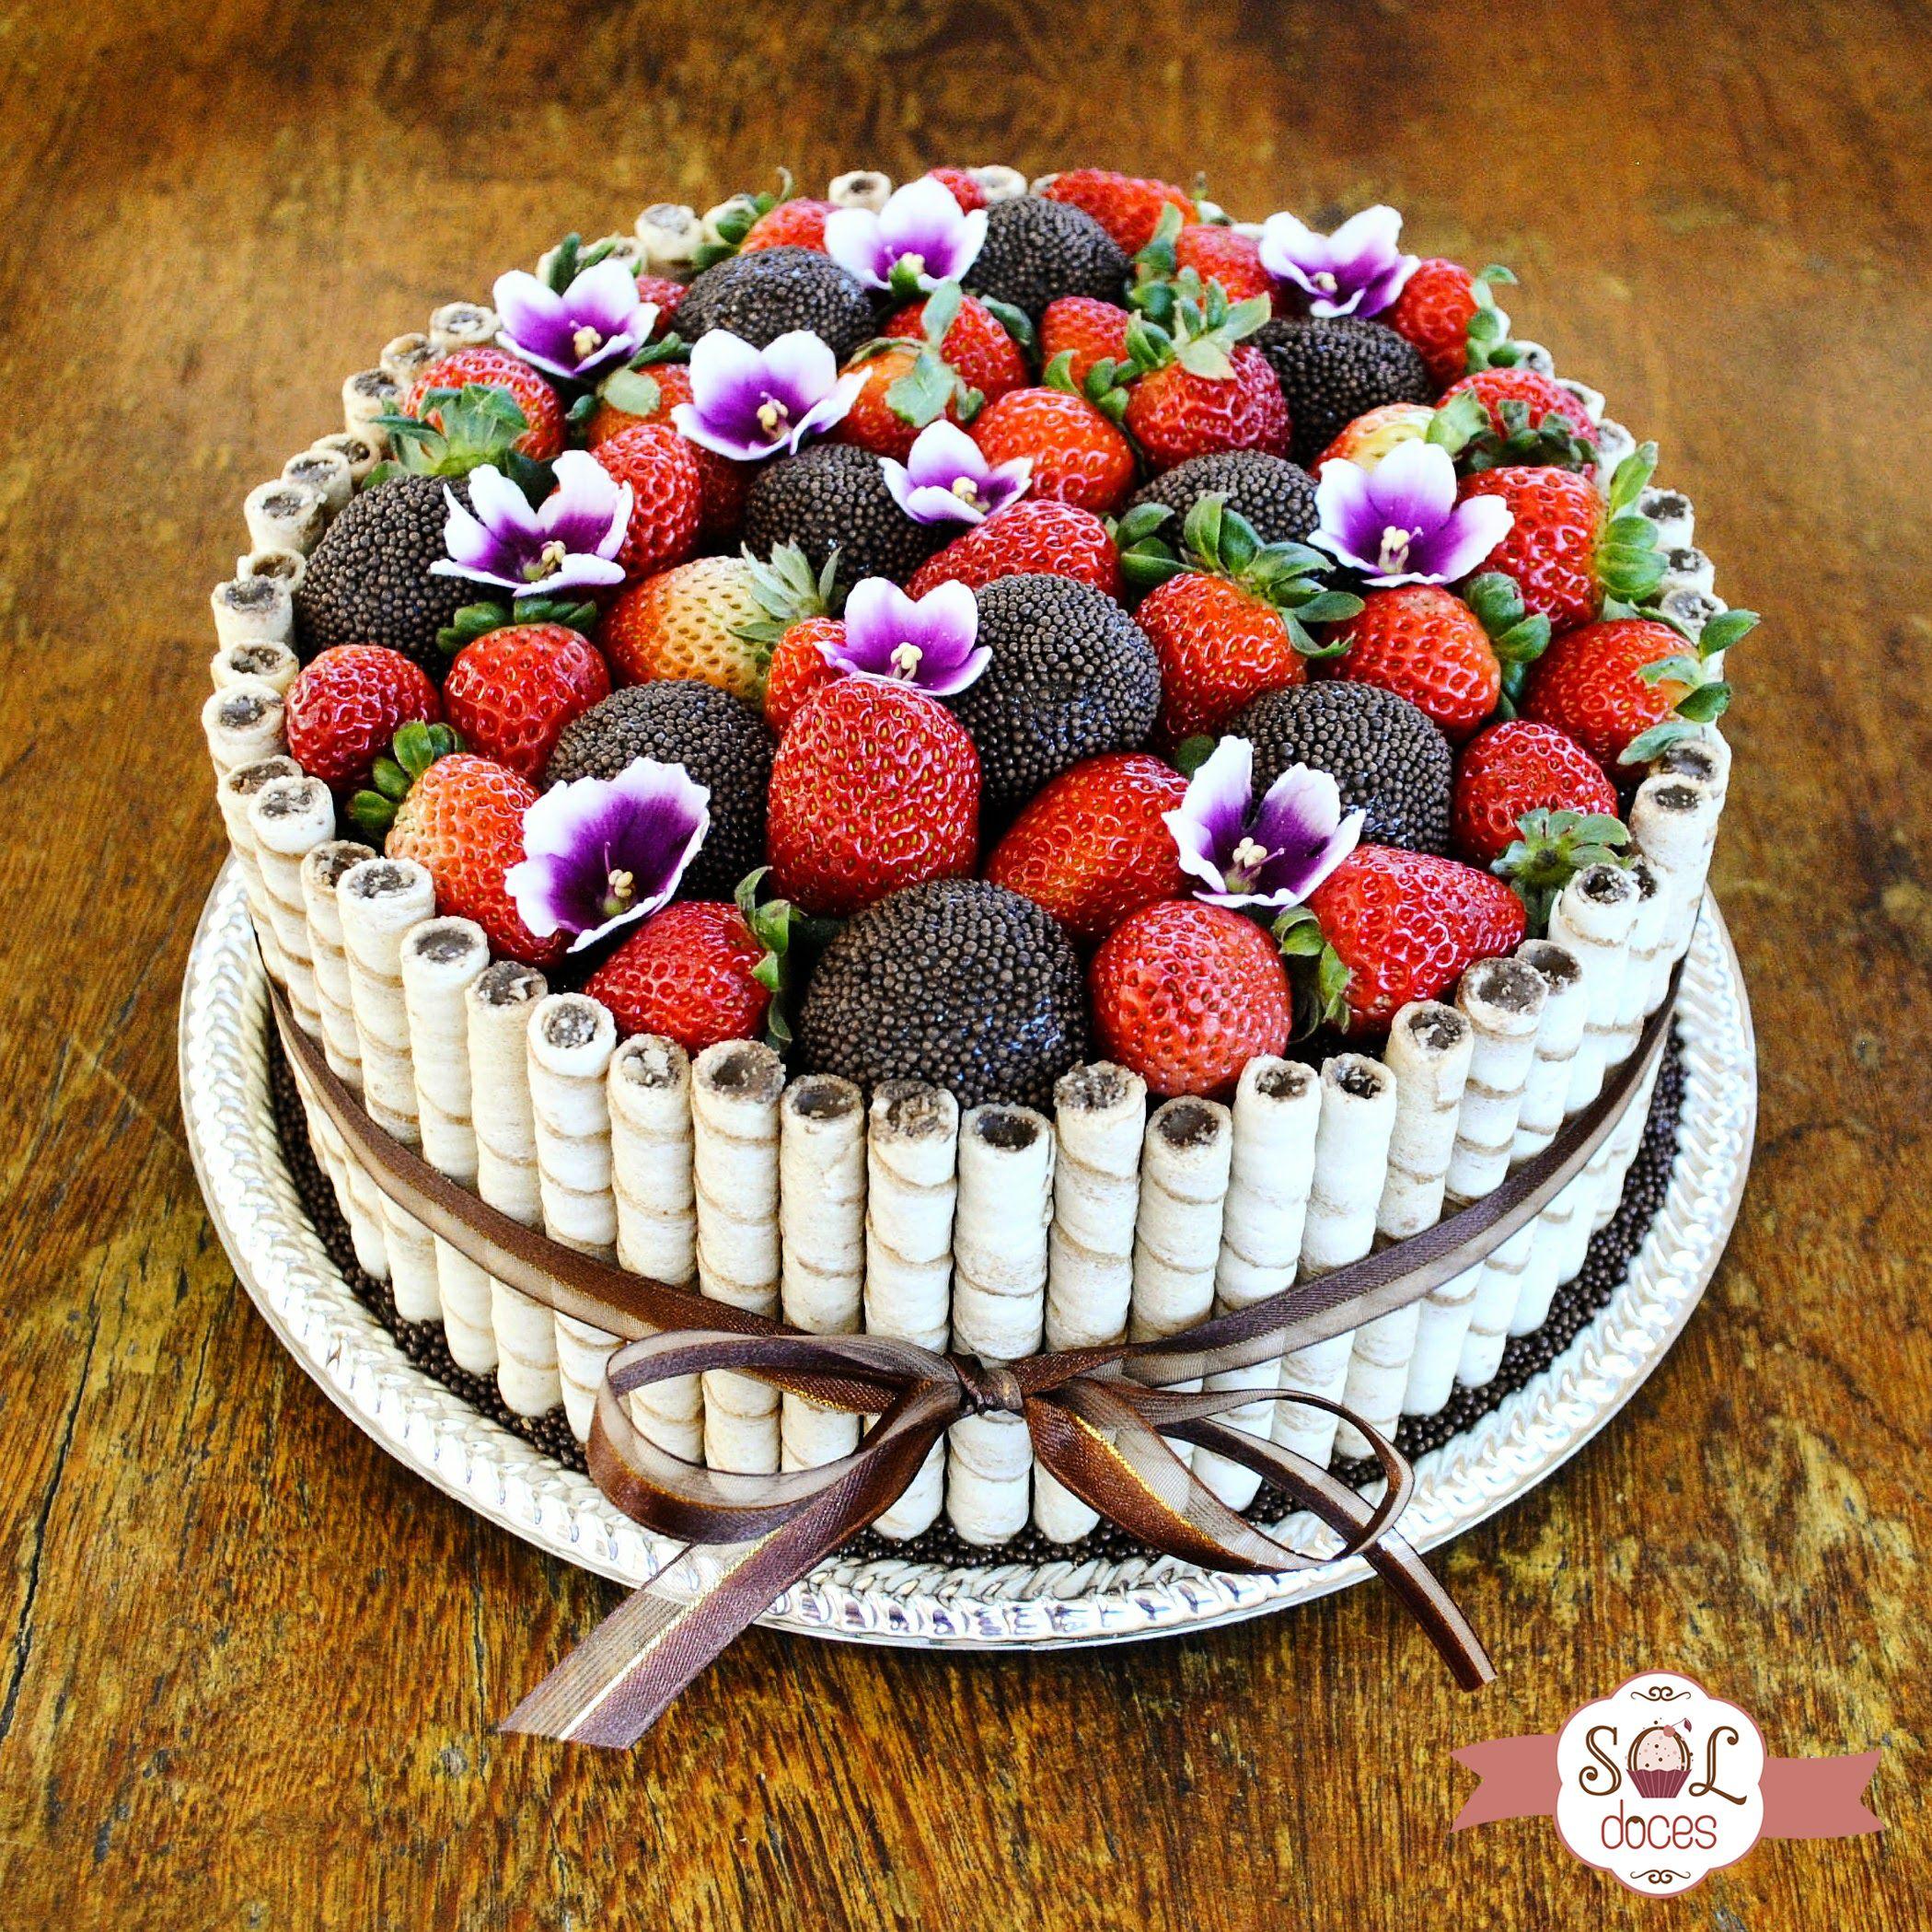 Bolodechocolate Cake Lovecake Bolo Com Imagens Bolo Bolo